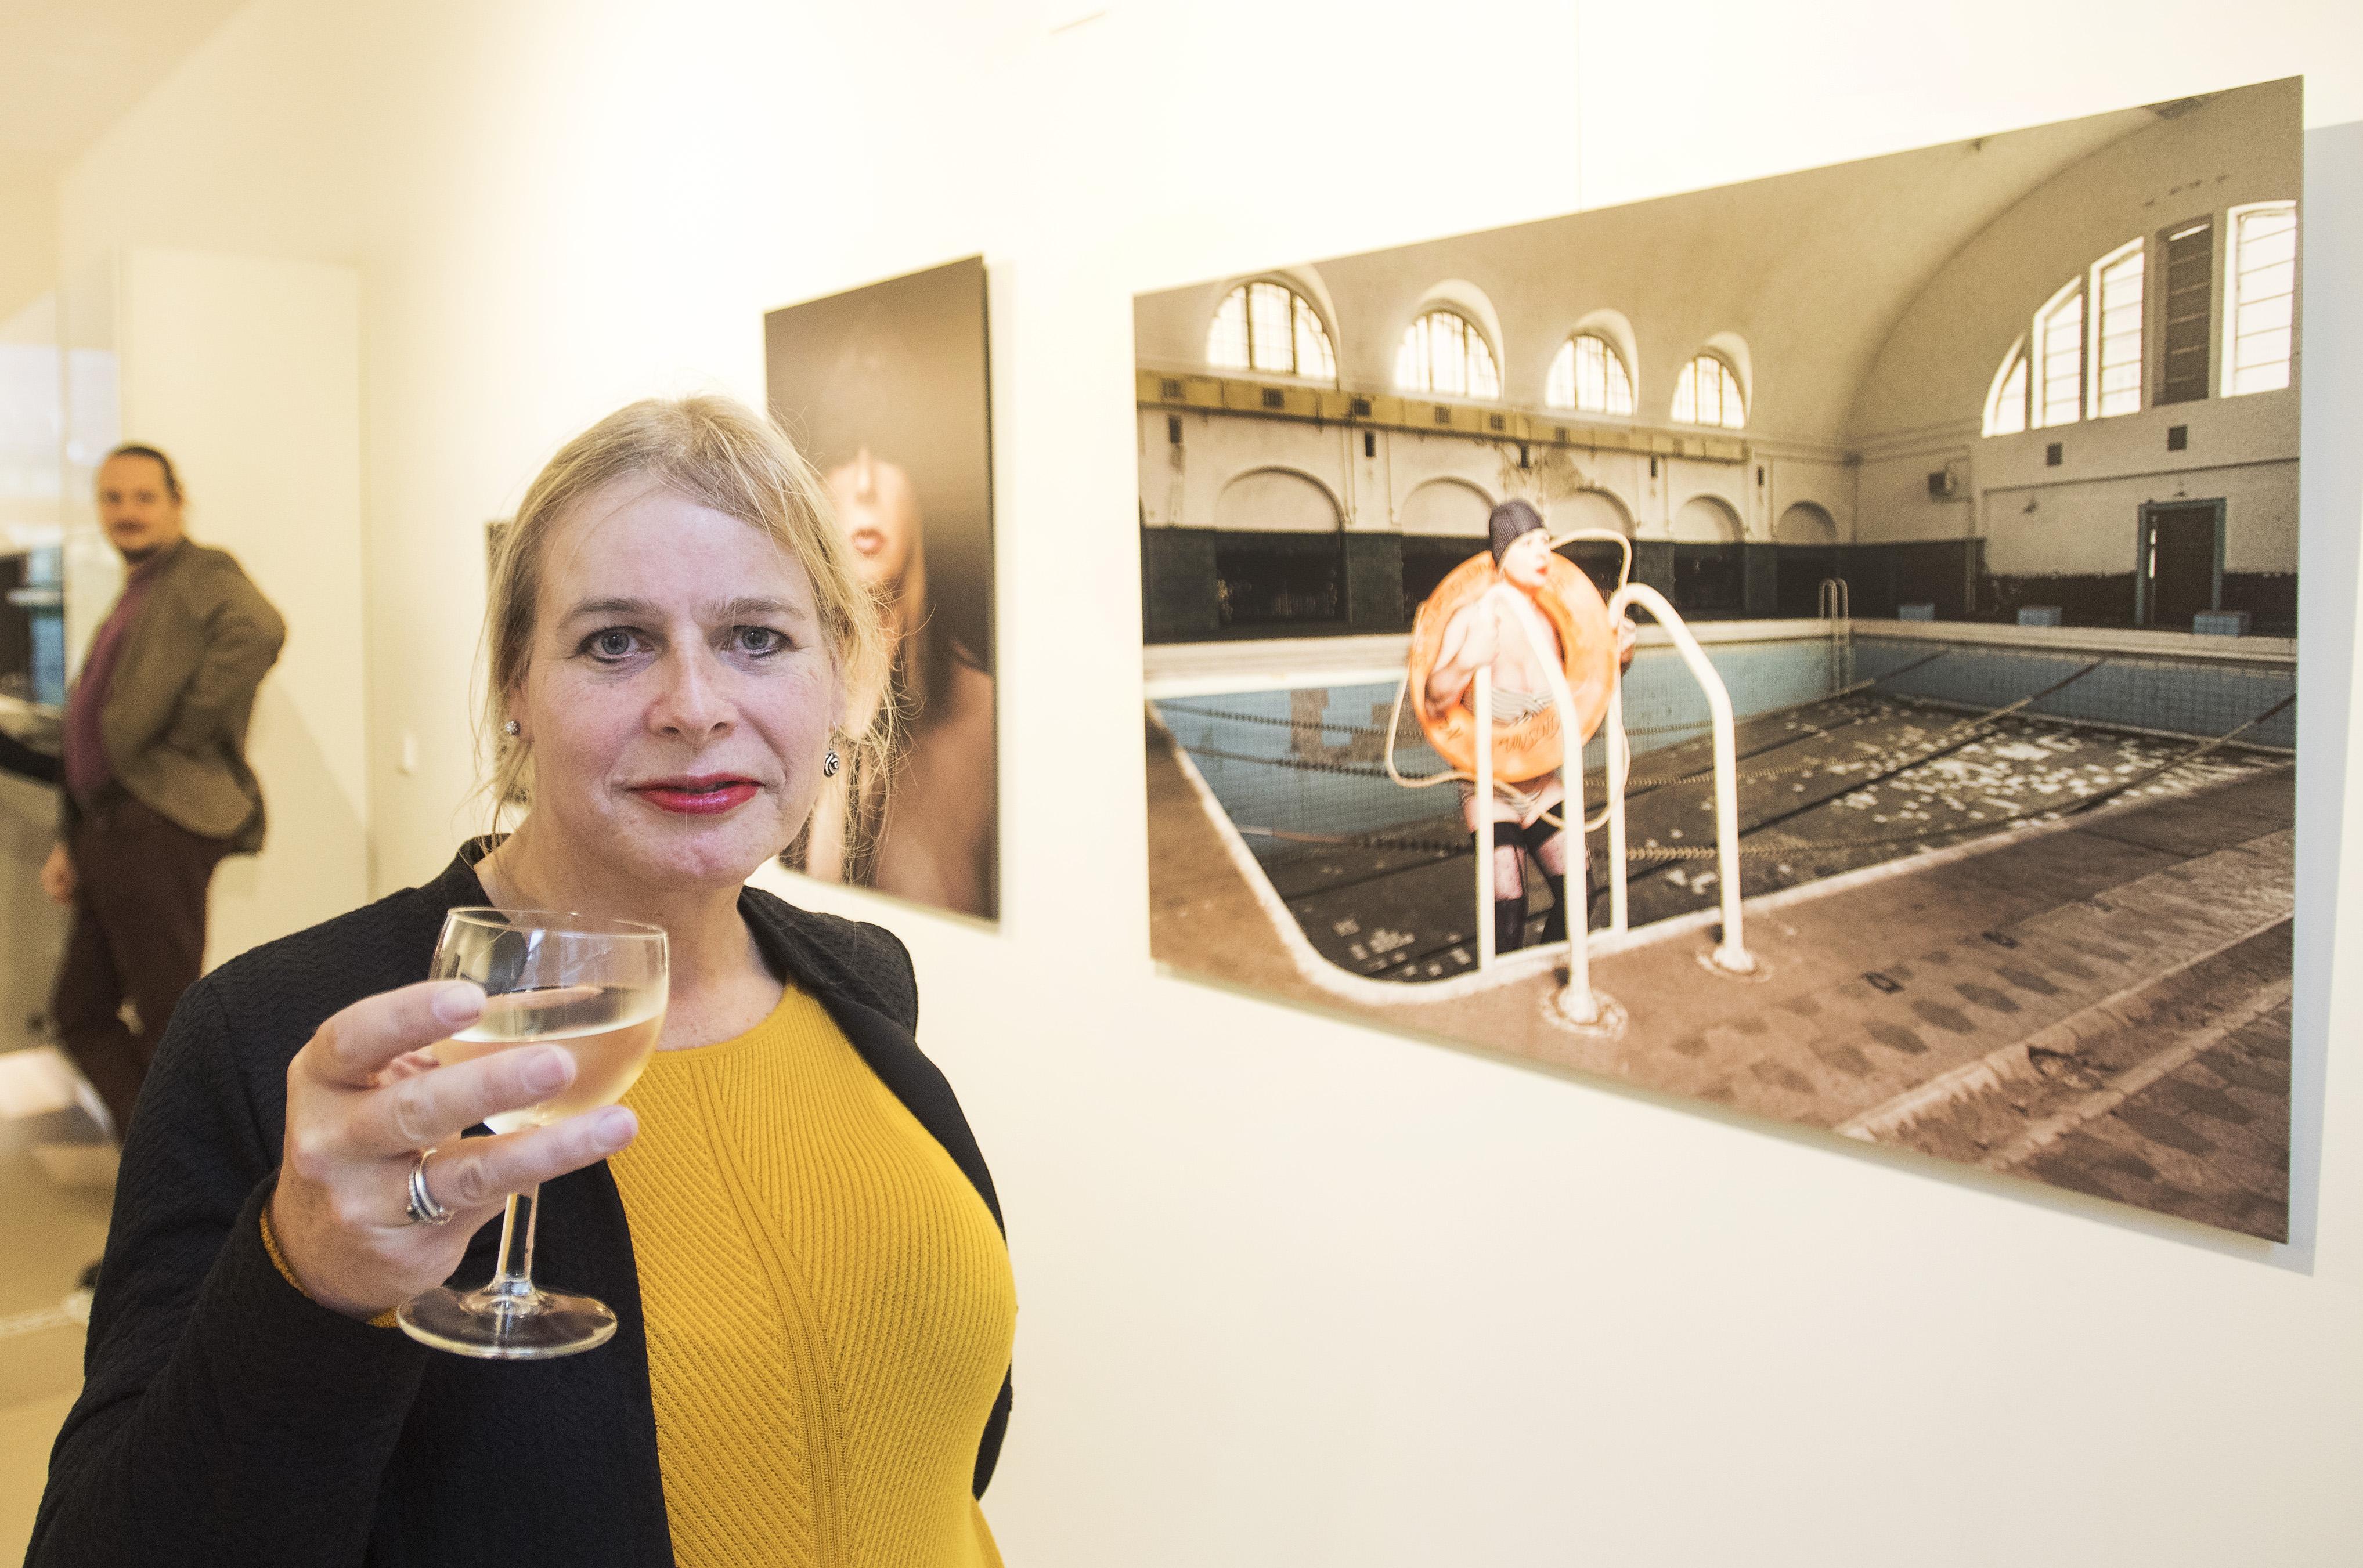 Jasmine de Vries: 'Expositie 'Hidden' laat zien wie ik ben'